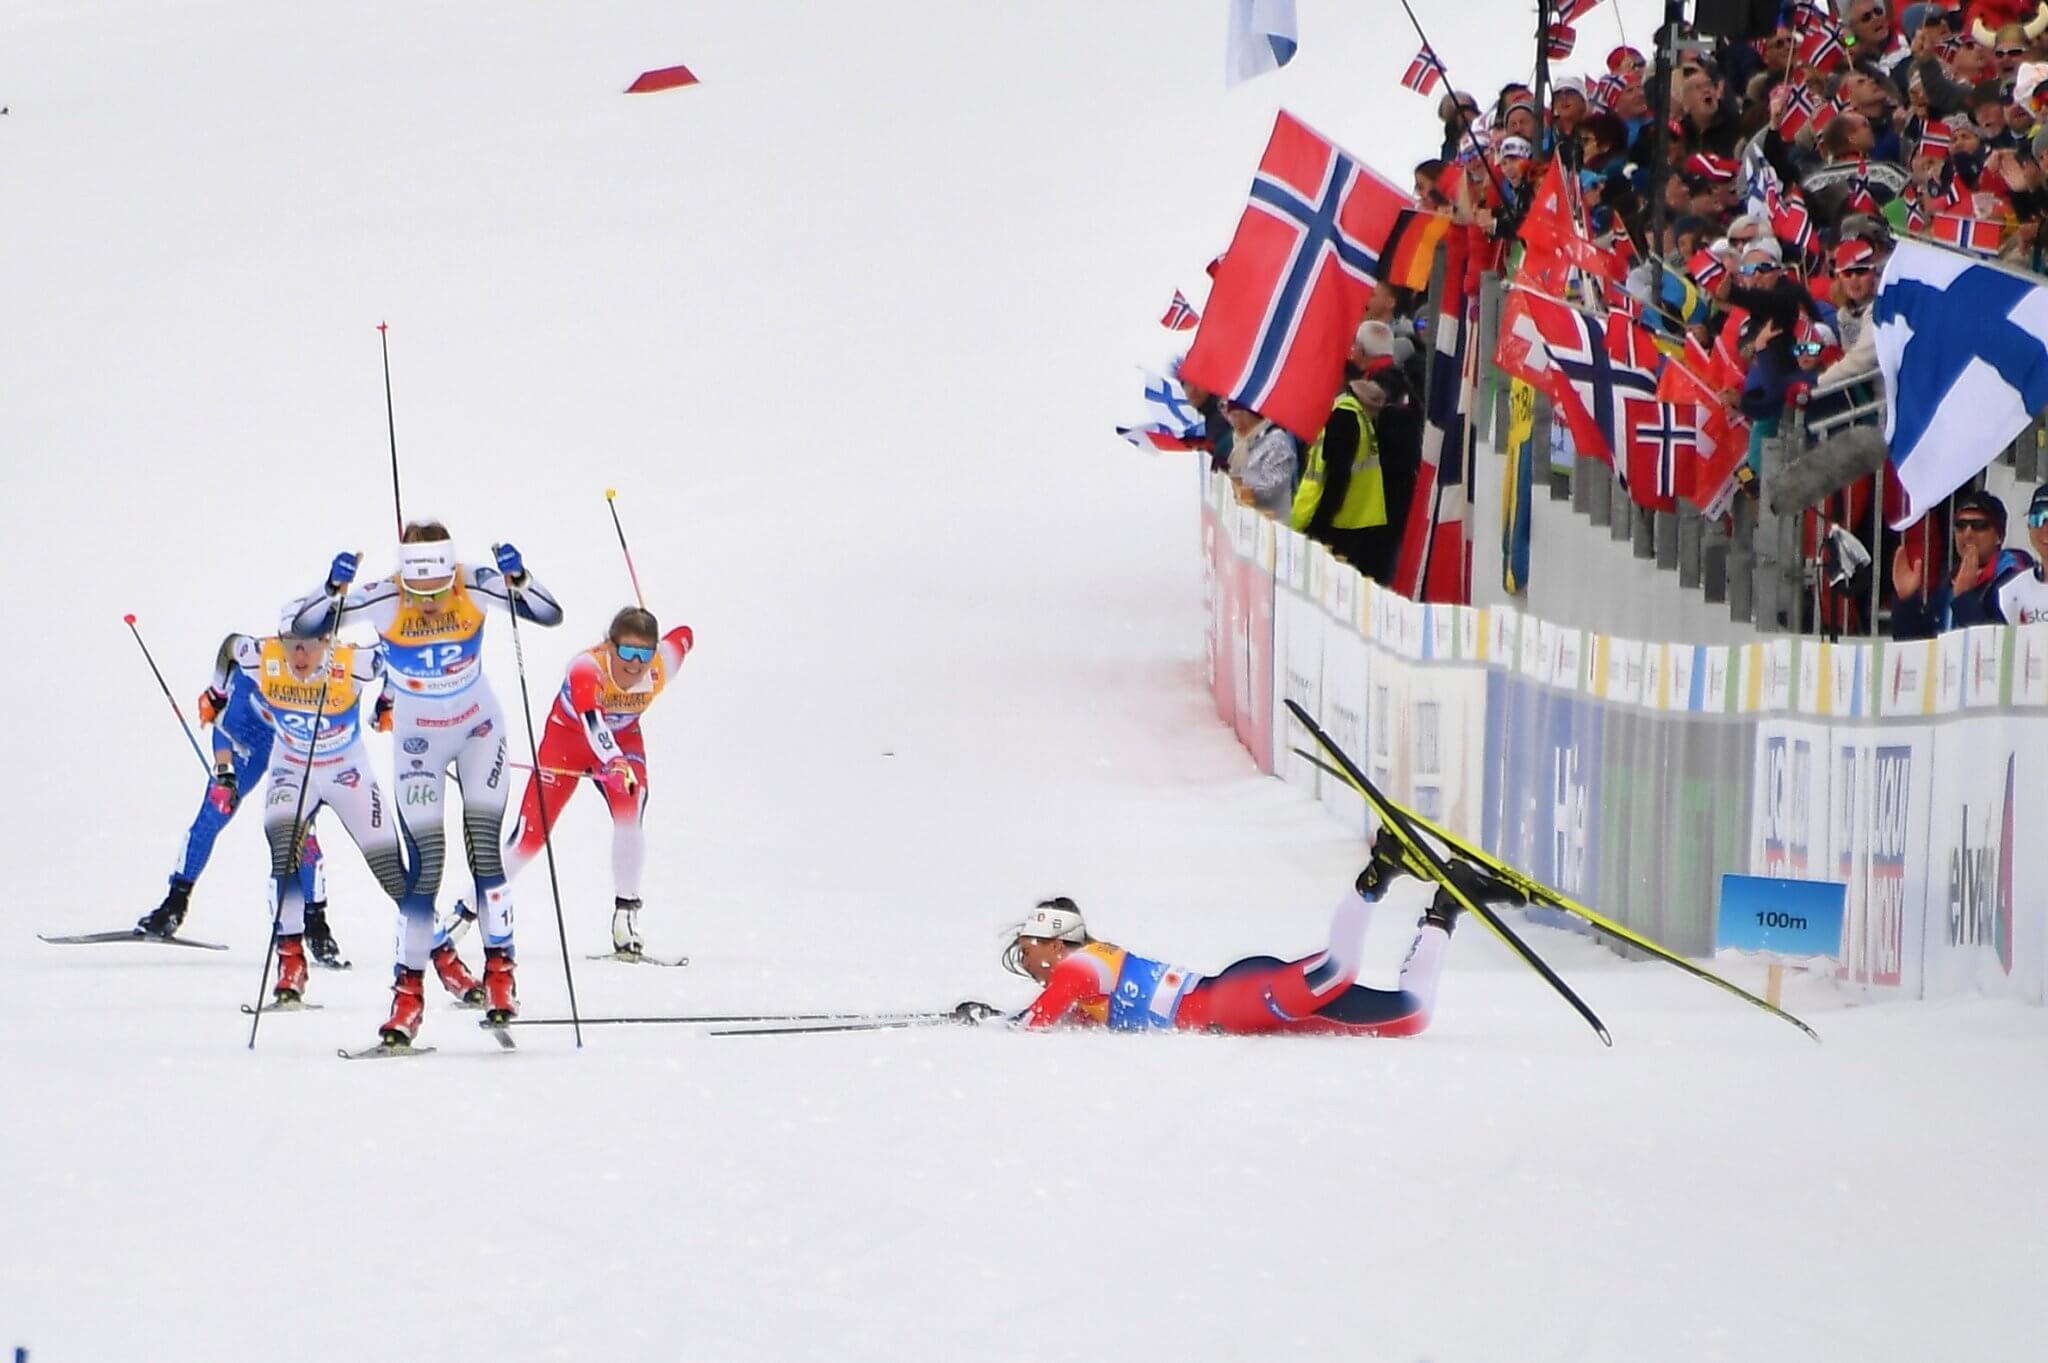 Norges Kristine Stavaas Skistad (till höger) faller. Till vänster i bild Stina Nilsson och Jonna Sundling under semifinalen av damernas  sprinttävling i världscupen i Österrike 2019.  (Foto: JOE KLAMAR / AFP)